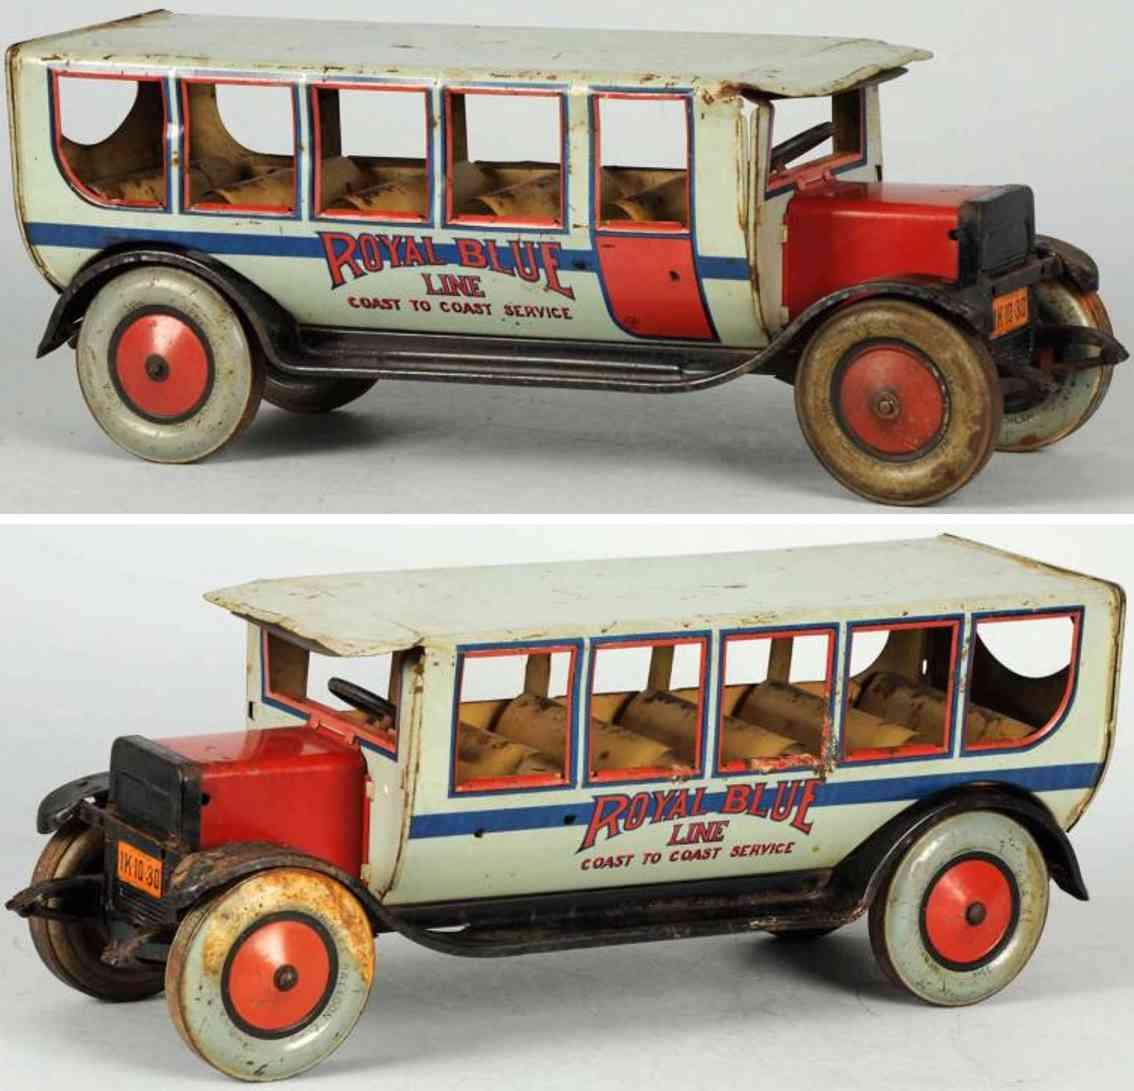 chein co 550 tin toy bus coast to coast bus royal blue line